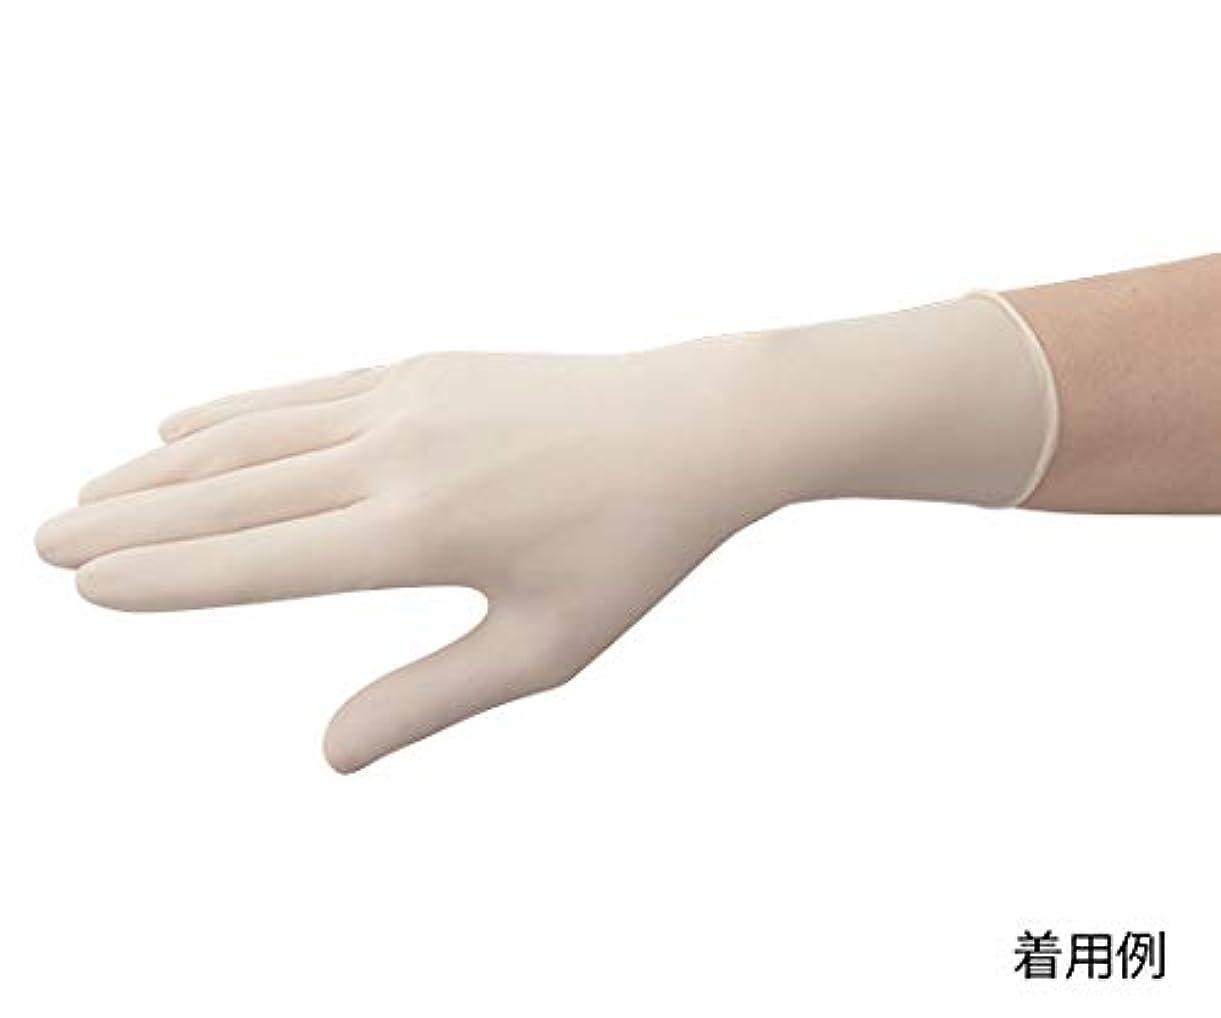 ベーシック満足うるさい東レ?メディカル 手術用手袋メディグリップ パウダーフリー50双 8155MG